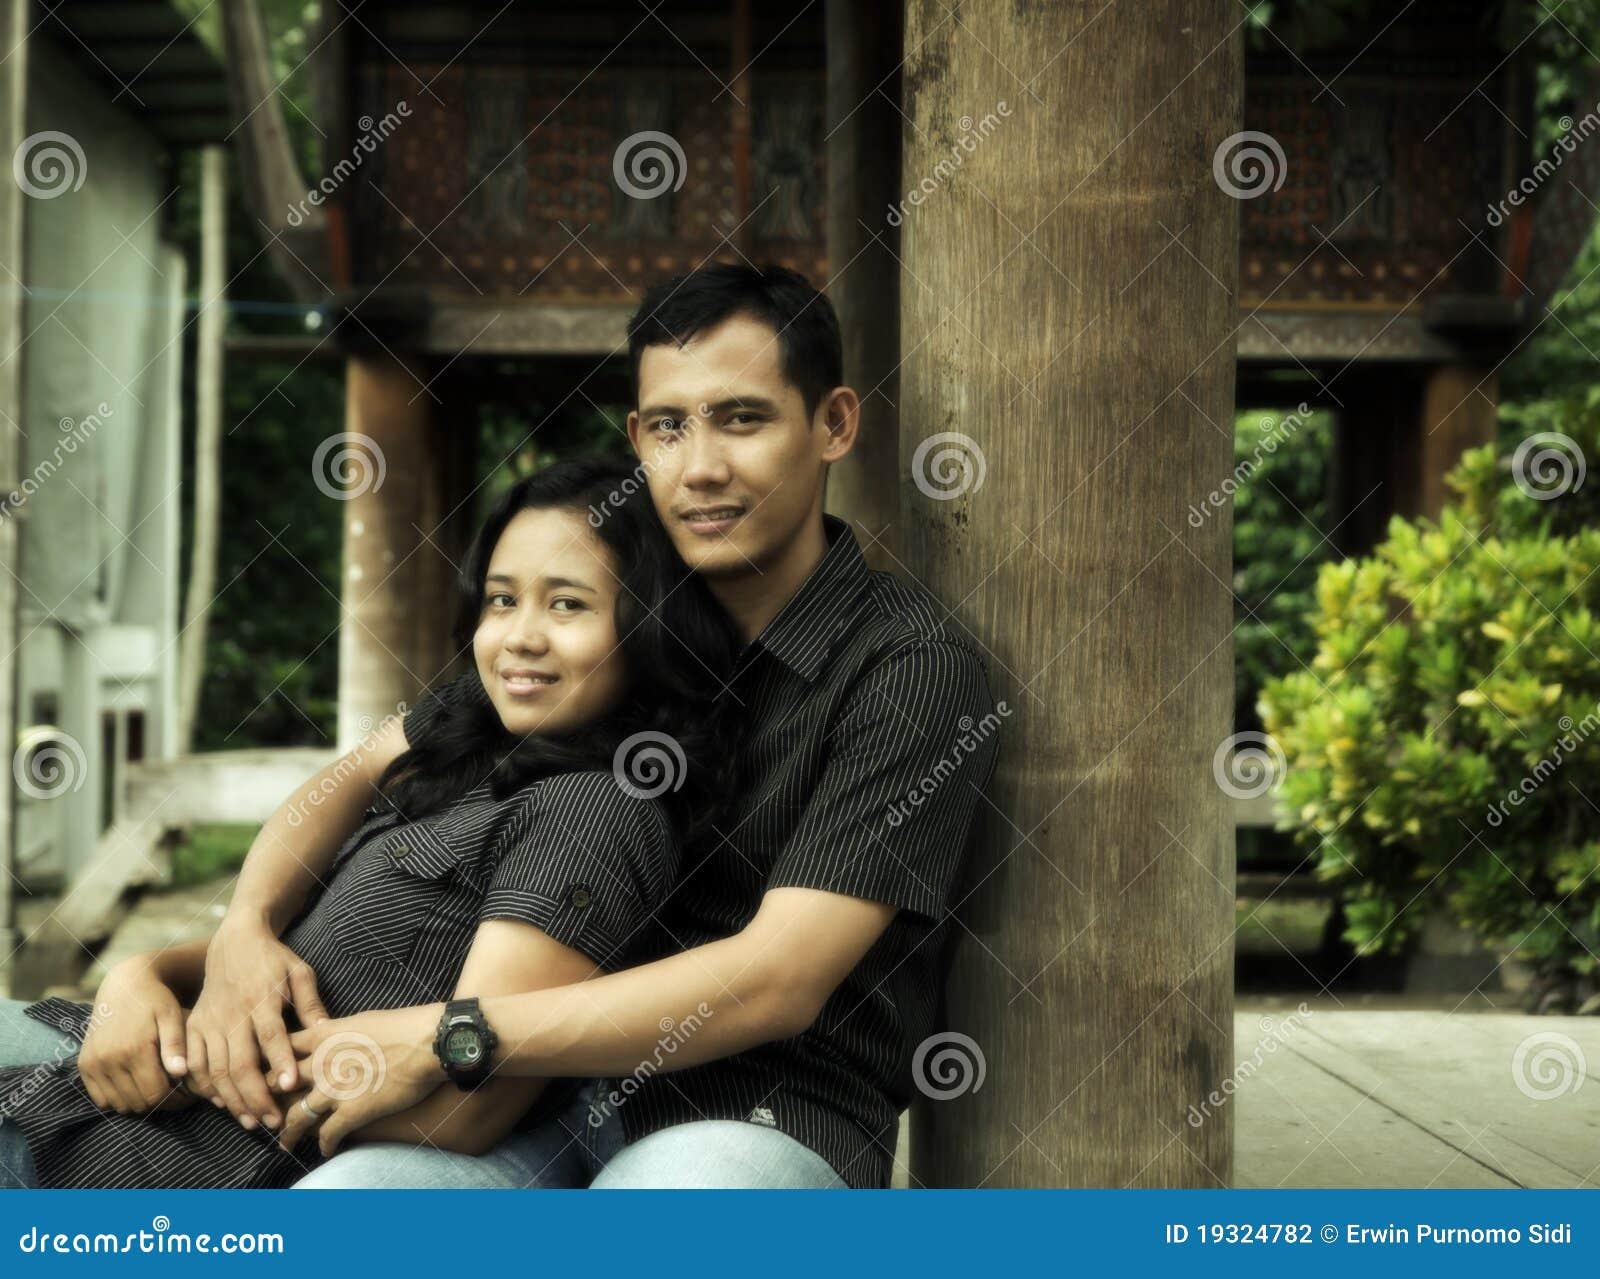 Virgin asian couple outdoor